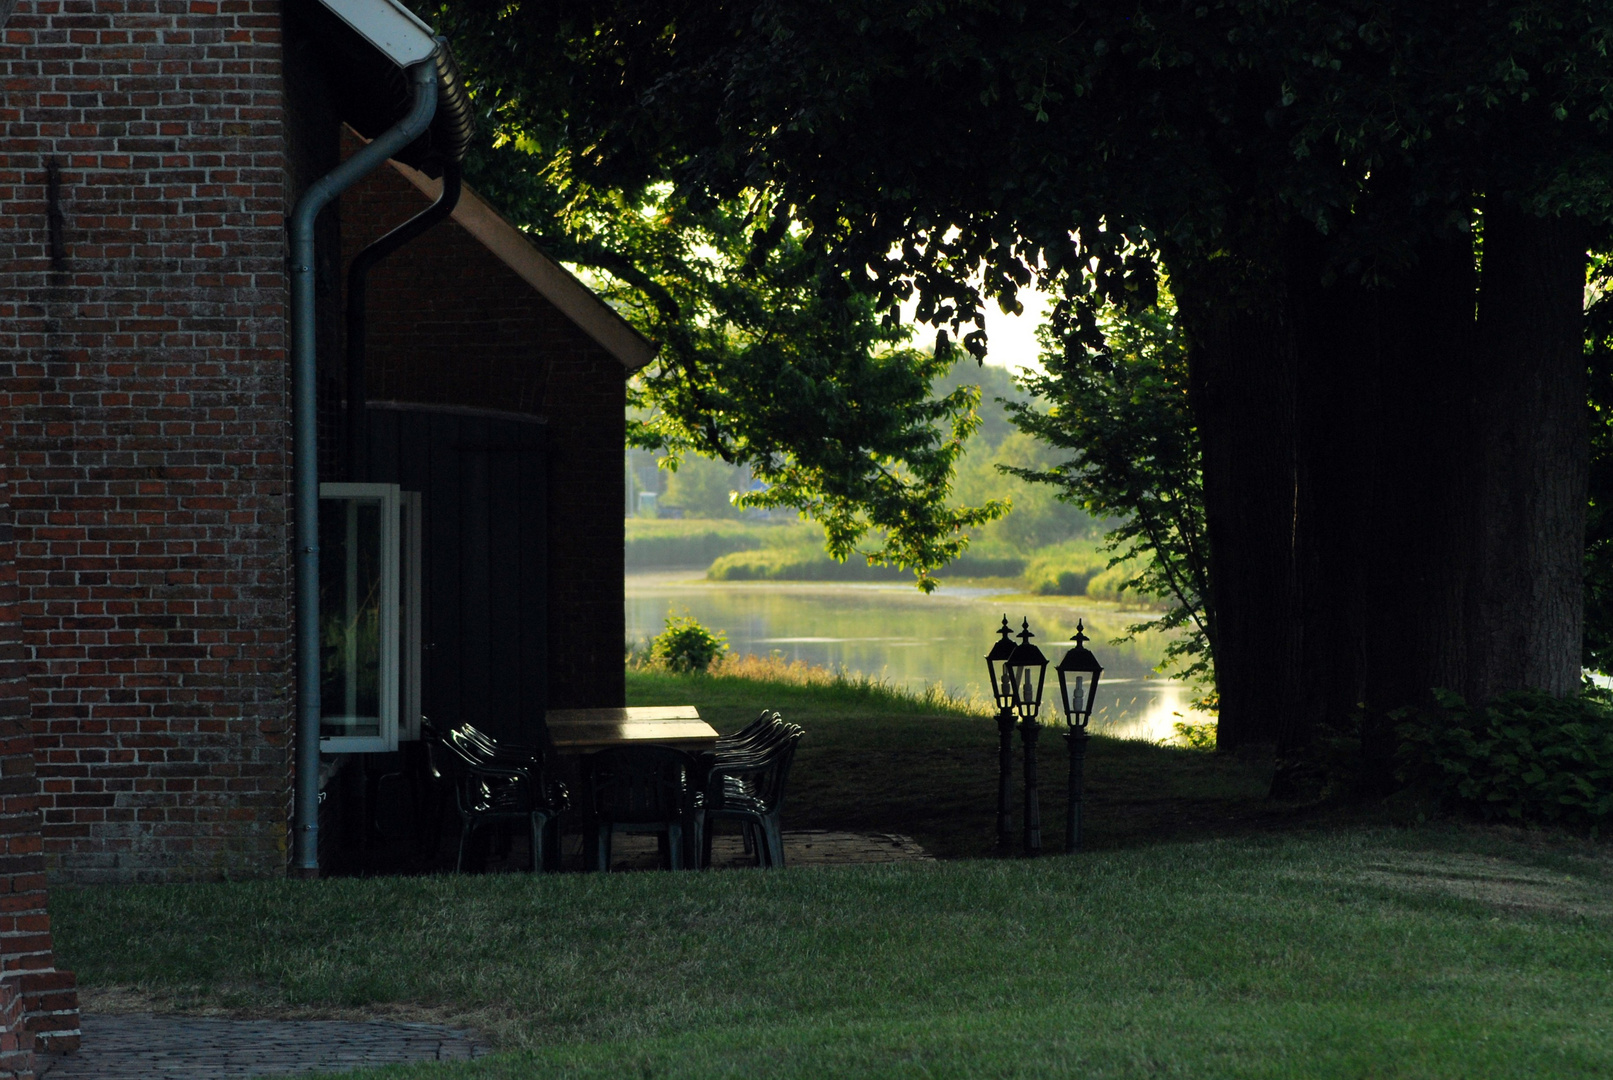 Gasthaus am Morgen, warten auf die Gäste